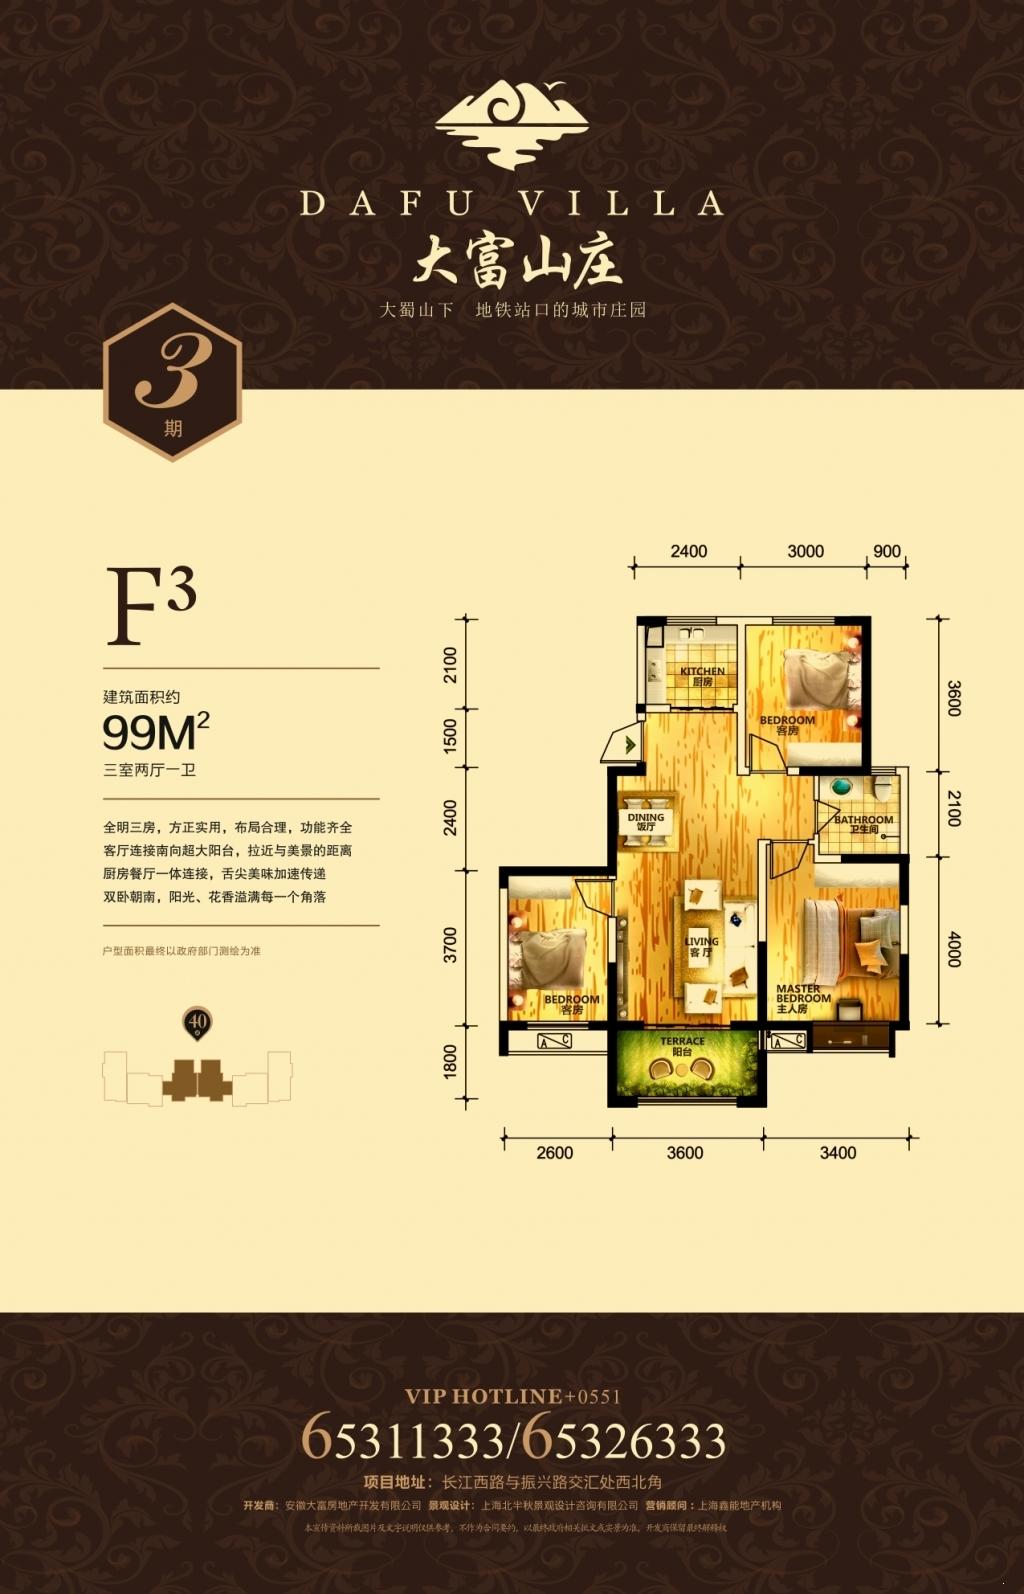 大富山庄三期高层40#楼-F3